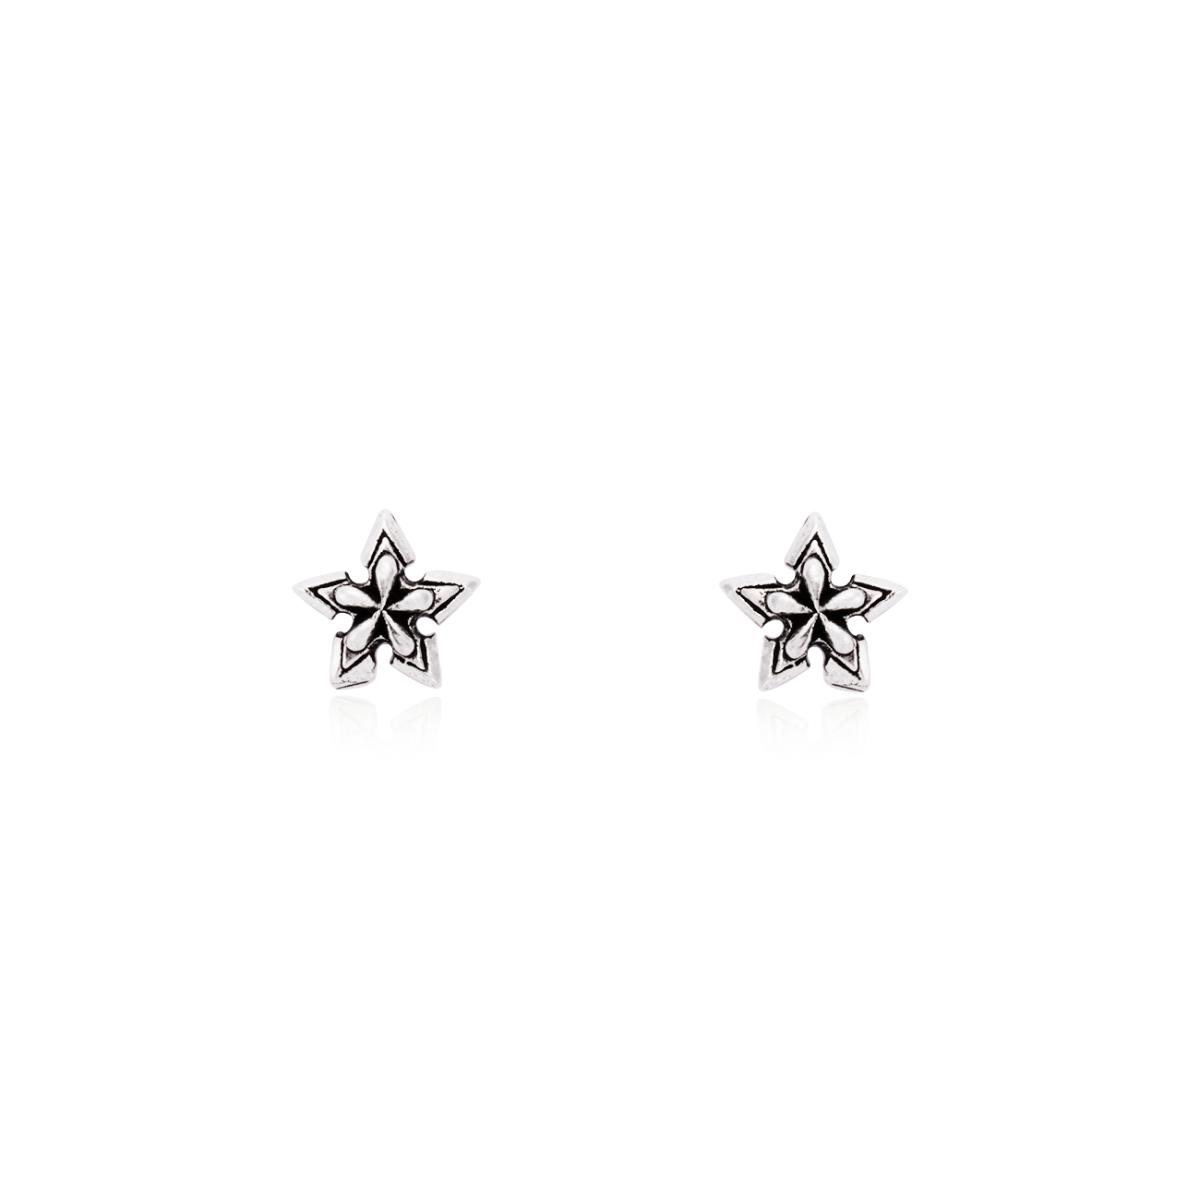 Brinco Estrela - Prata Envelhecida